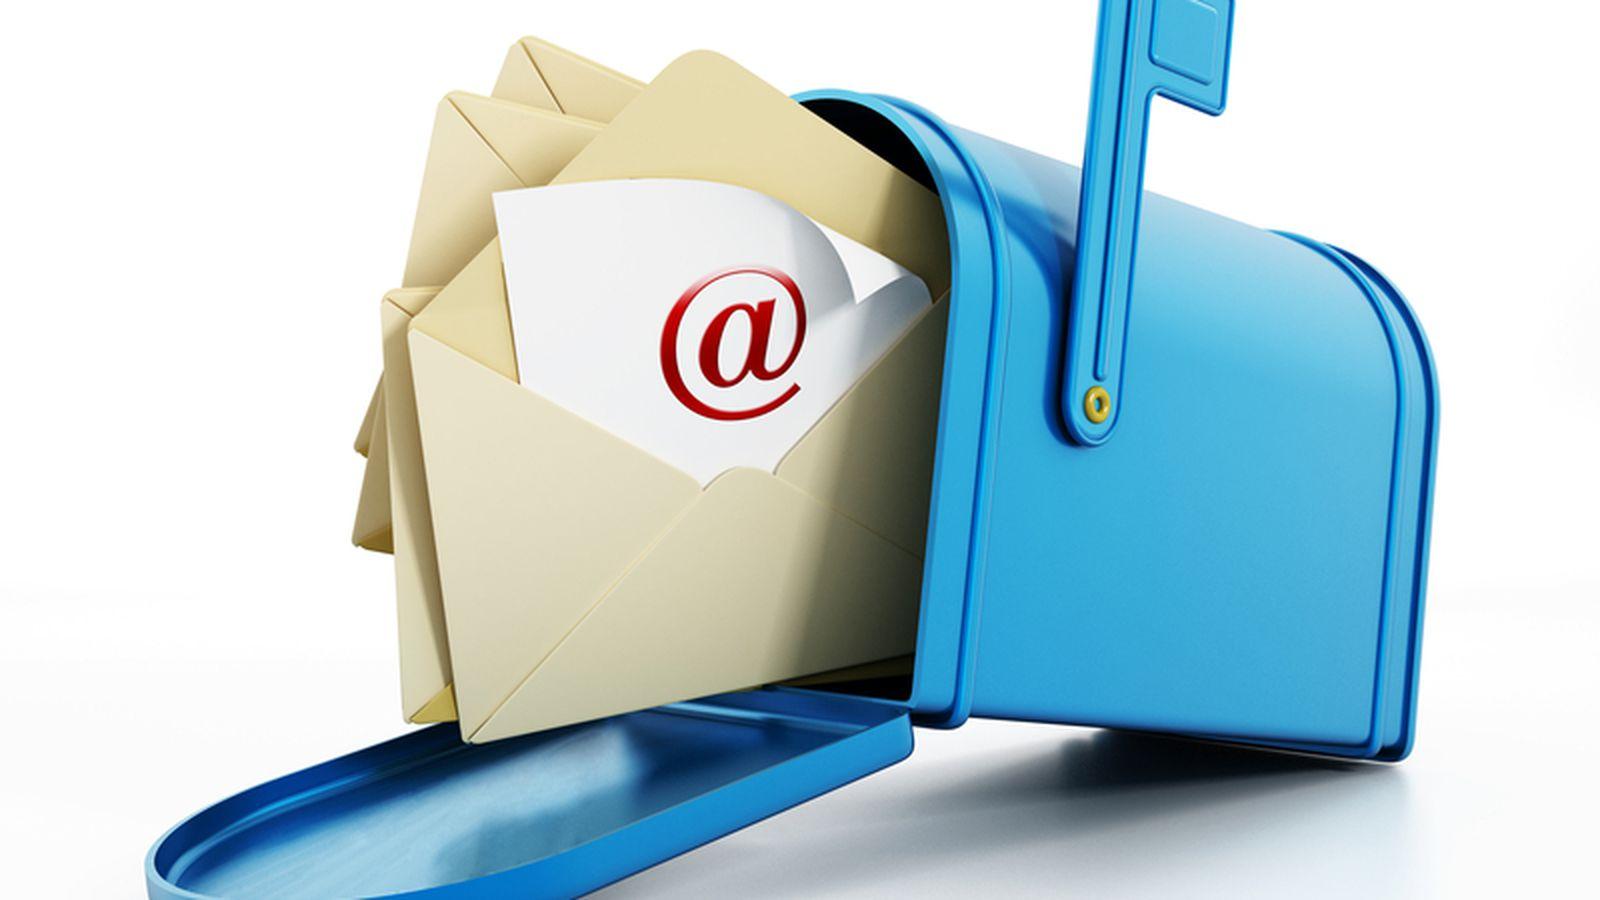 Mailbox.0